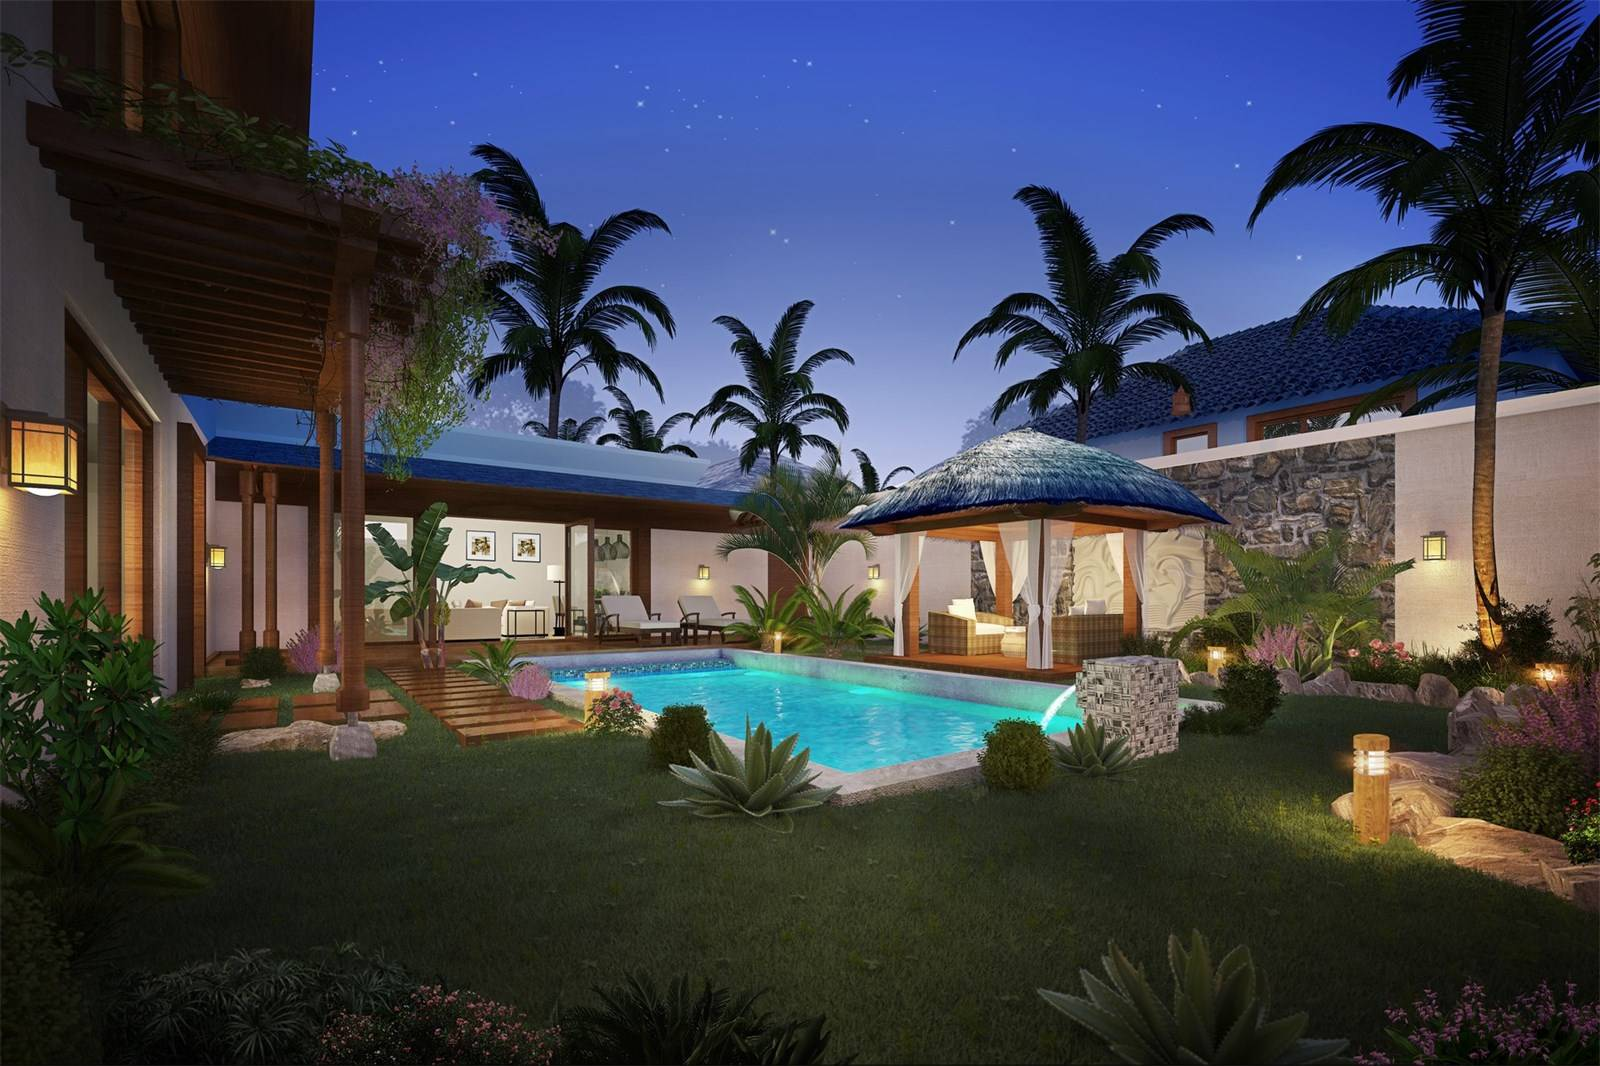 Villa à Pereybere, vue extérieure jardin, nuit - PLEION Private Services